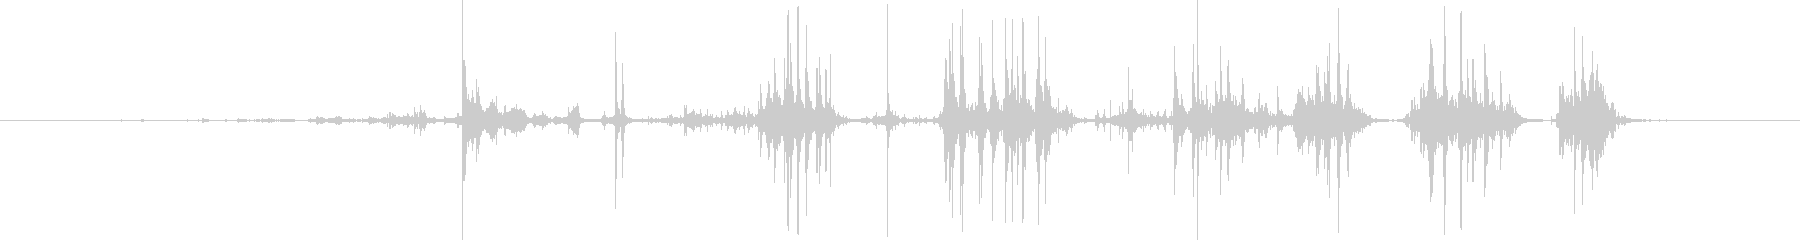 【ゲームアプリ】物音_05 箱を破るの未再生の波形